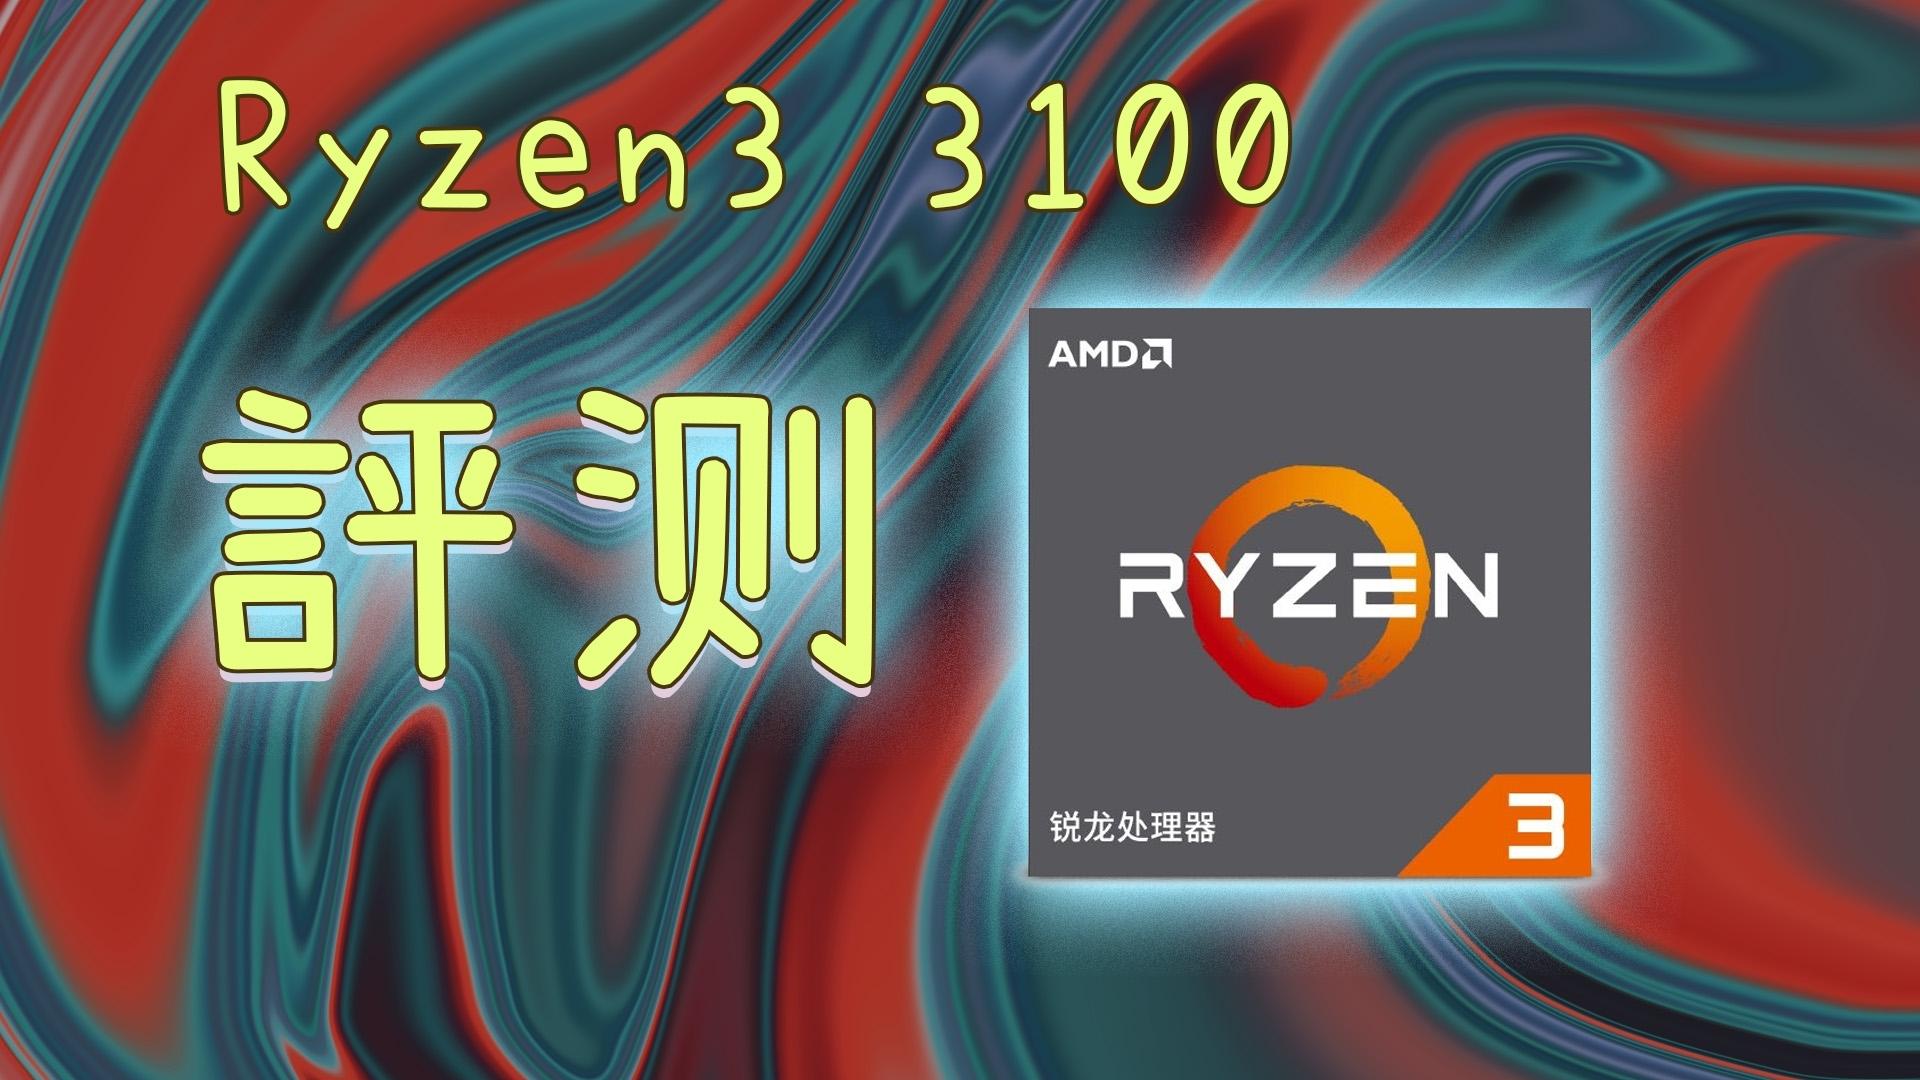 【黑冰科技】曾超频到5.9GHz的3100到底是什么水平的CPU?